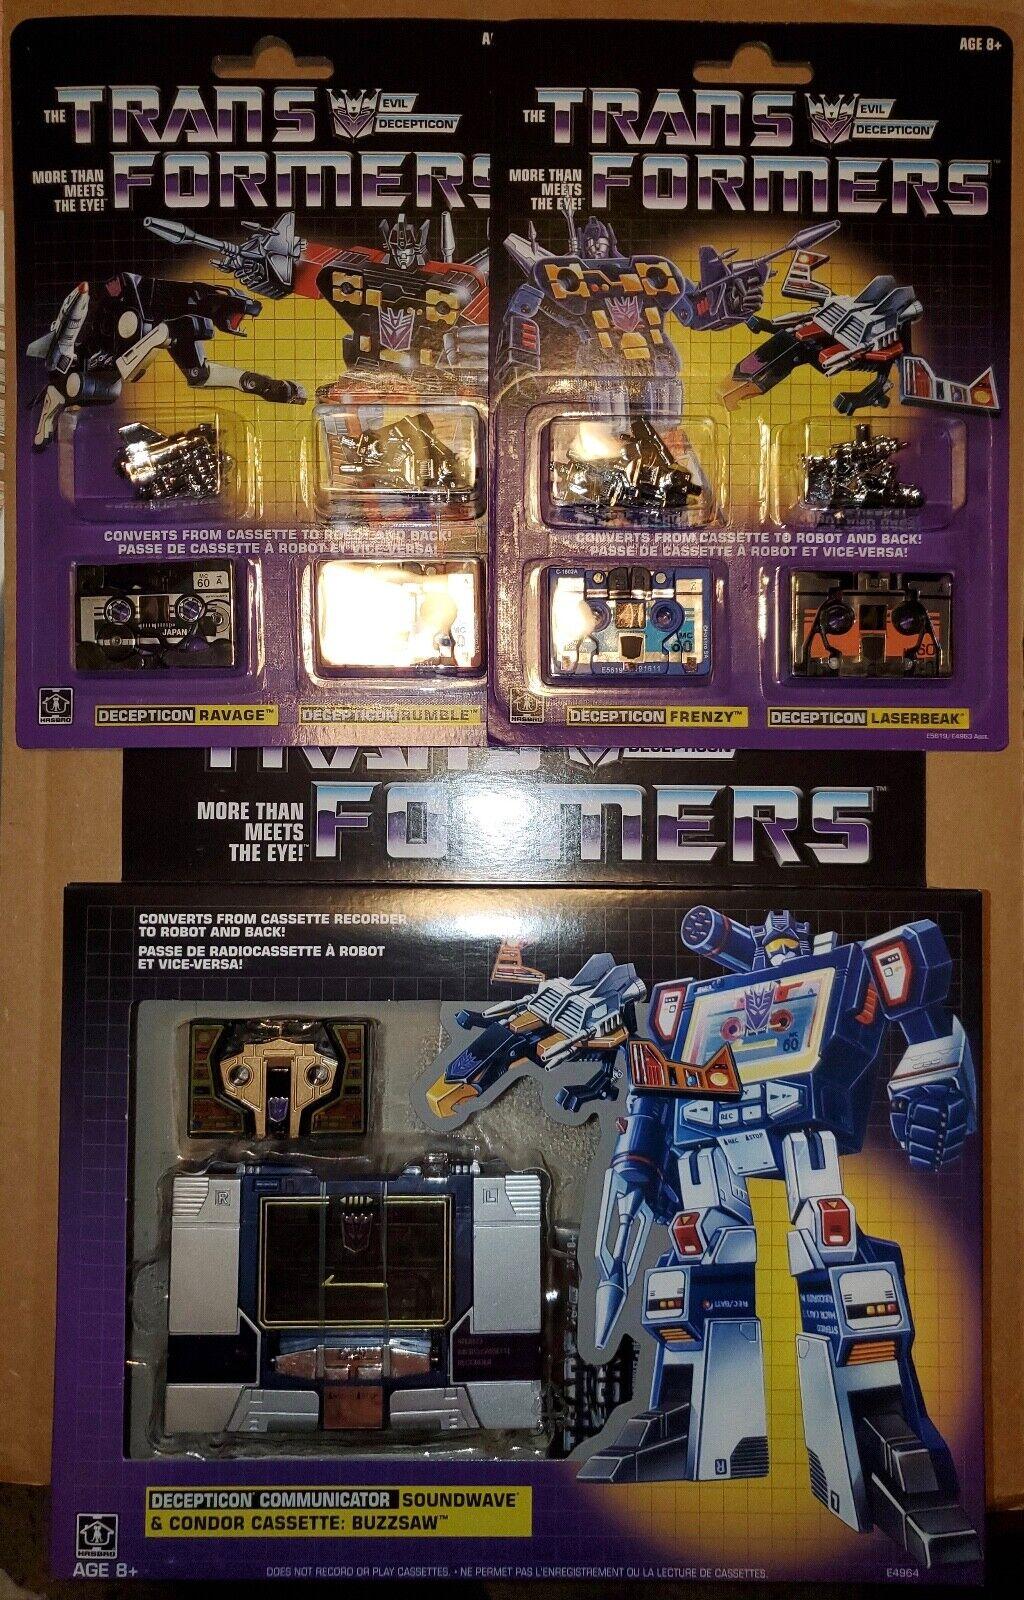 Nuevos Transformers G1 Soundwave con los 5 casetes completa Walmart reedición